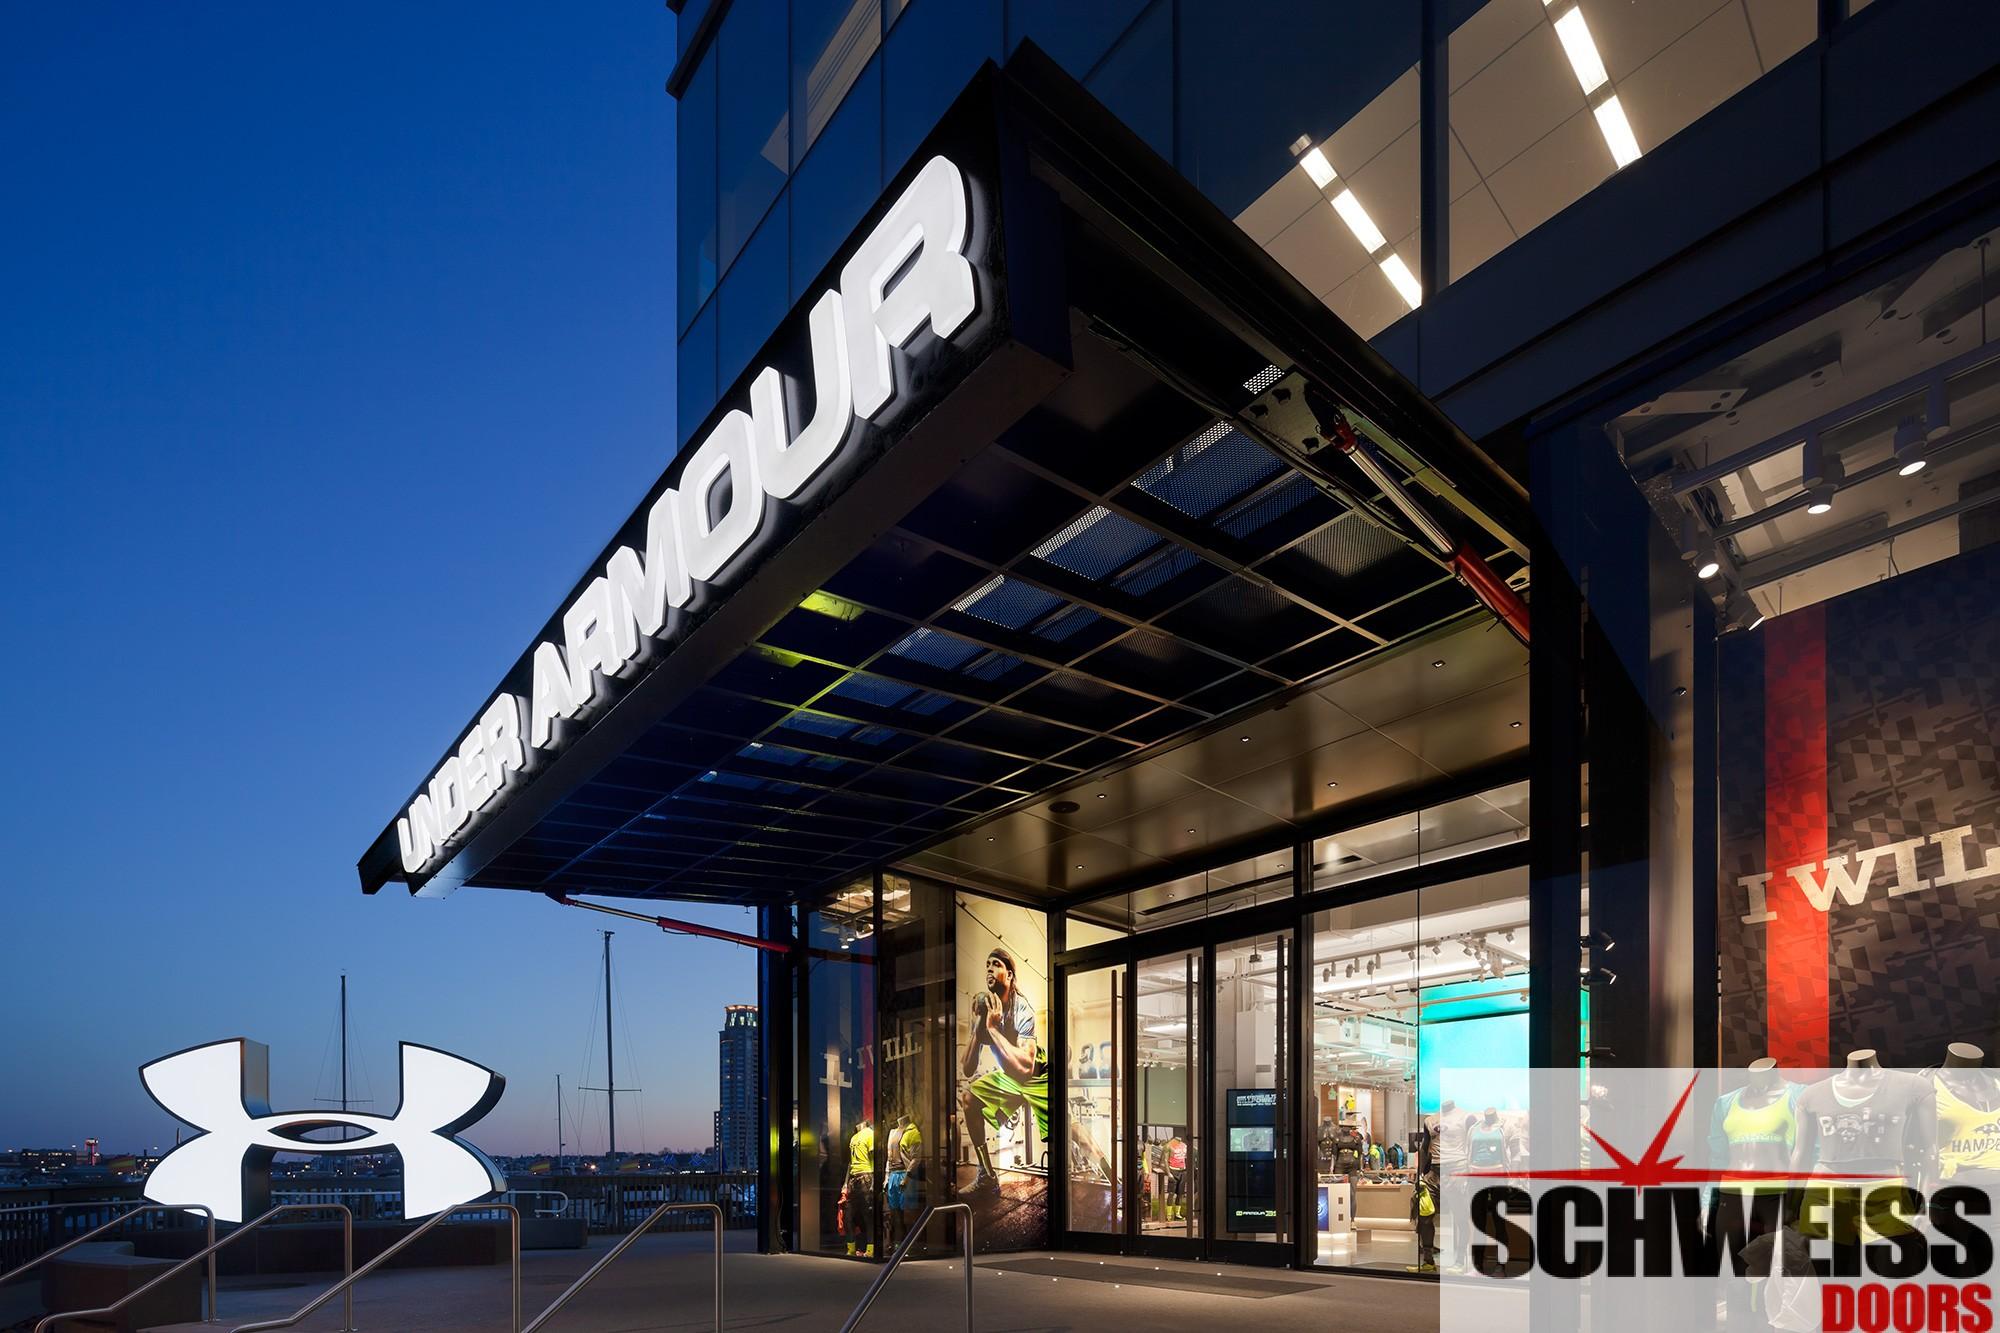 Schweiss Designer Doors Dress Up Buildings Worldwide 3